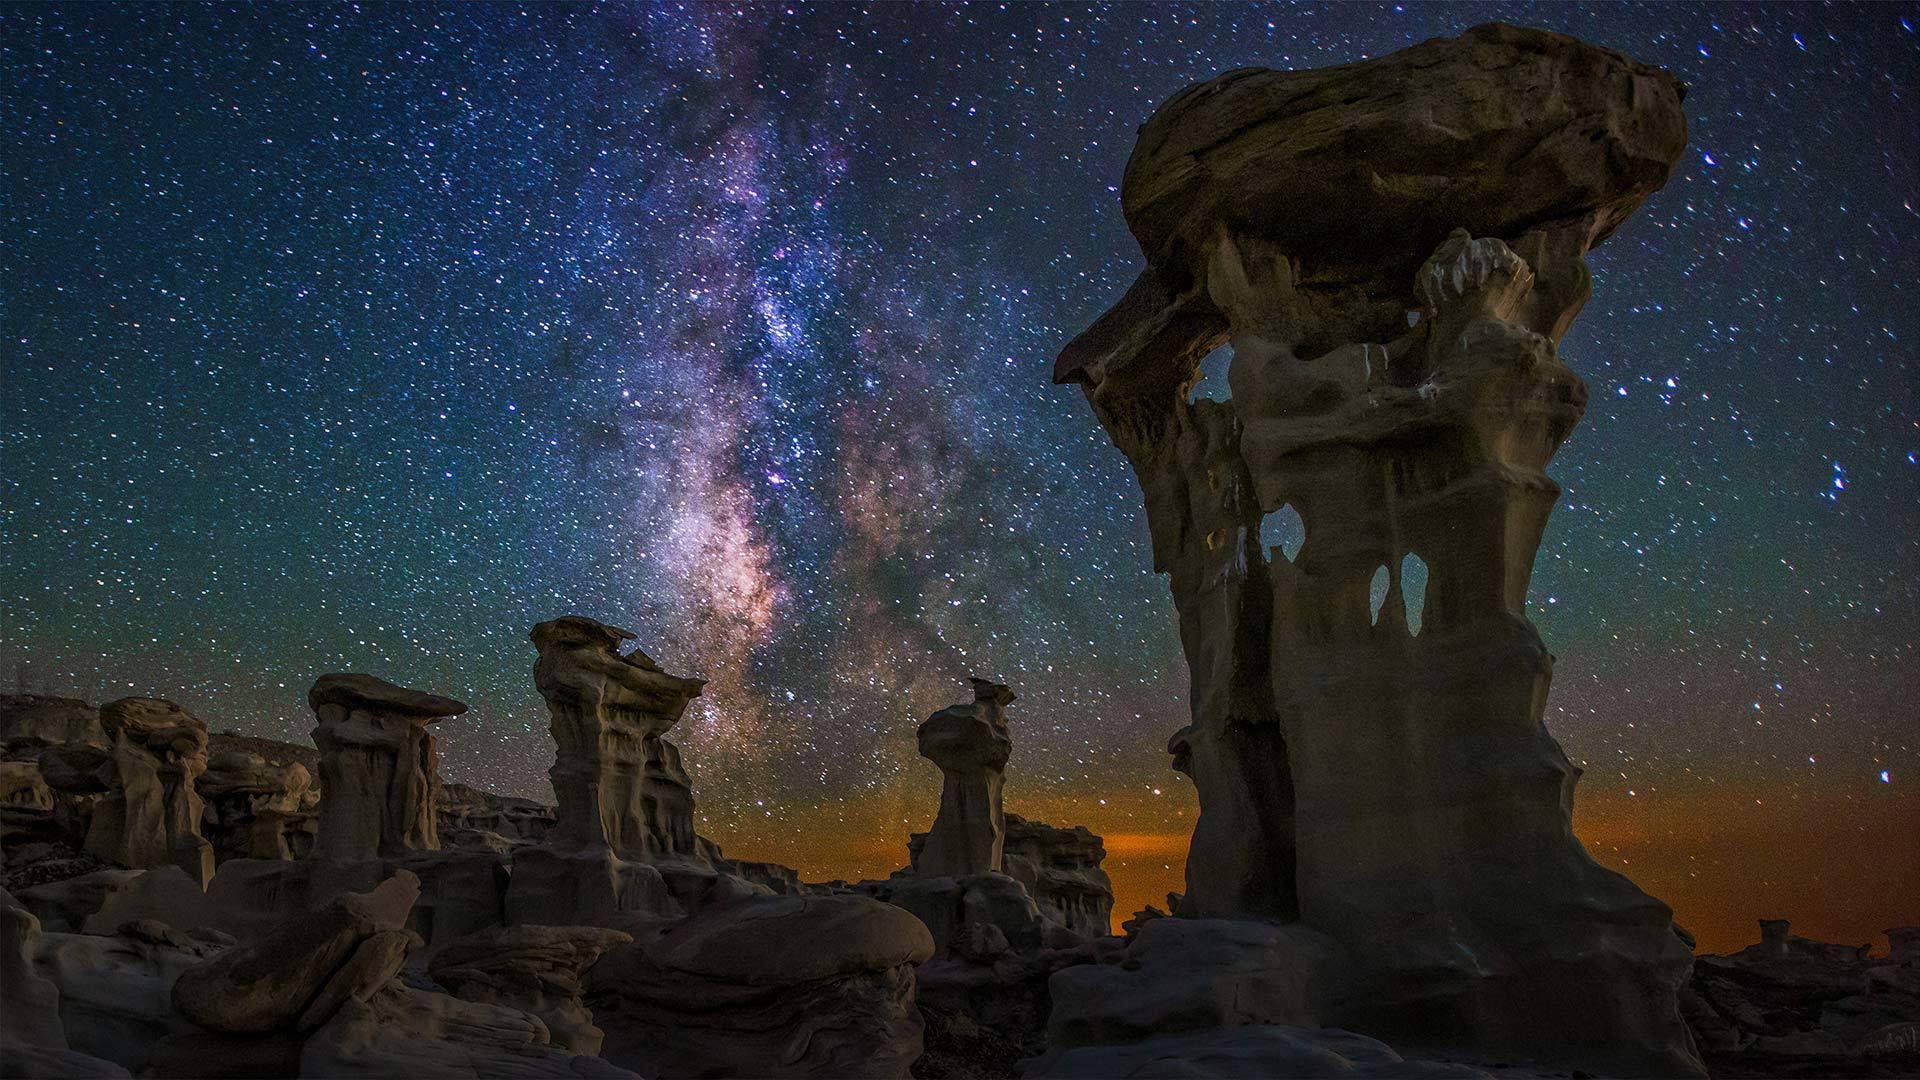 Bisti/De-Na-Zin Wilderness上空的银河